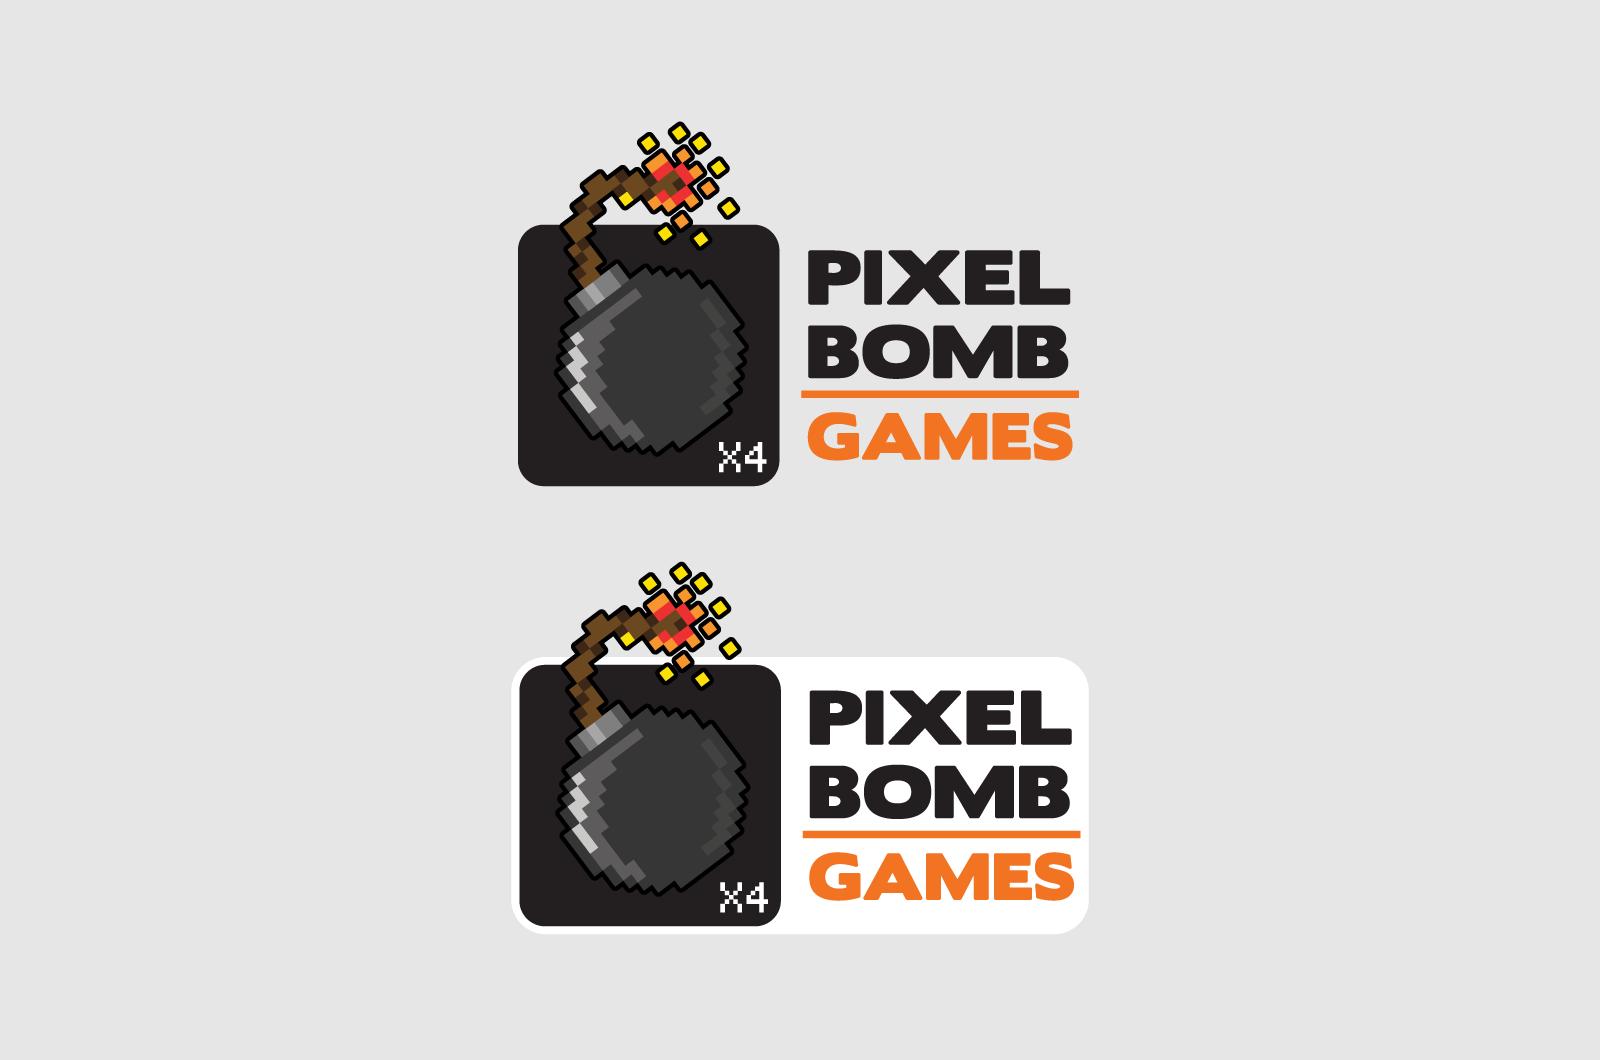 Pixelbomb Games Logos 02